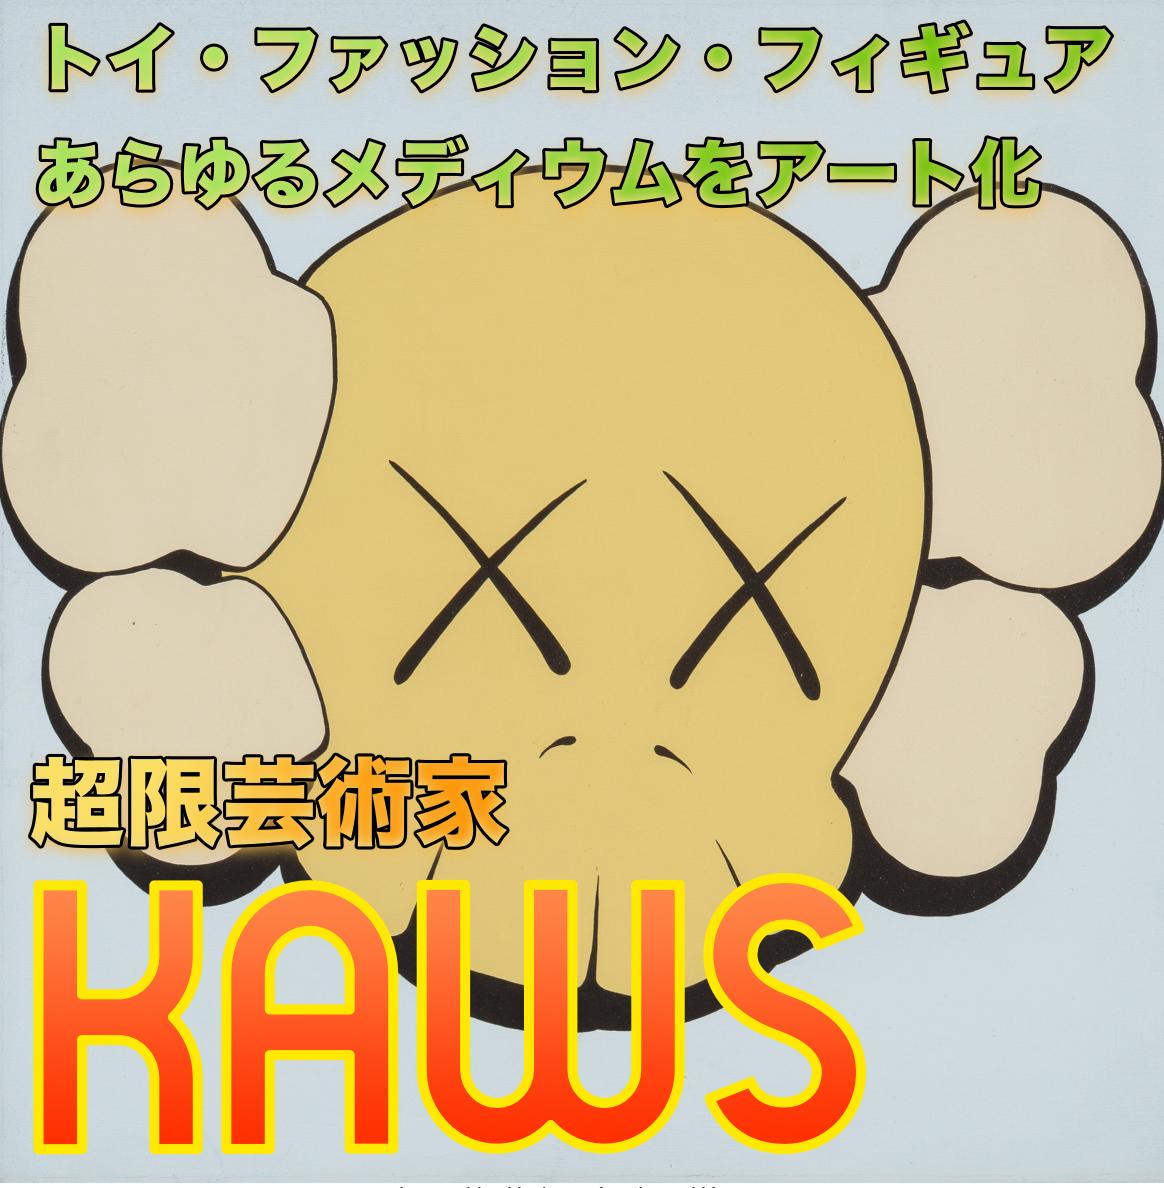 【美術解説】KAWS(カウズ)「目がバッテン×のキャラで人気のアーティスト」